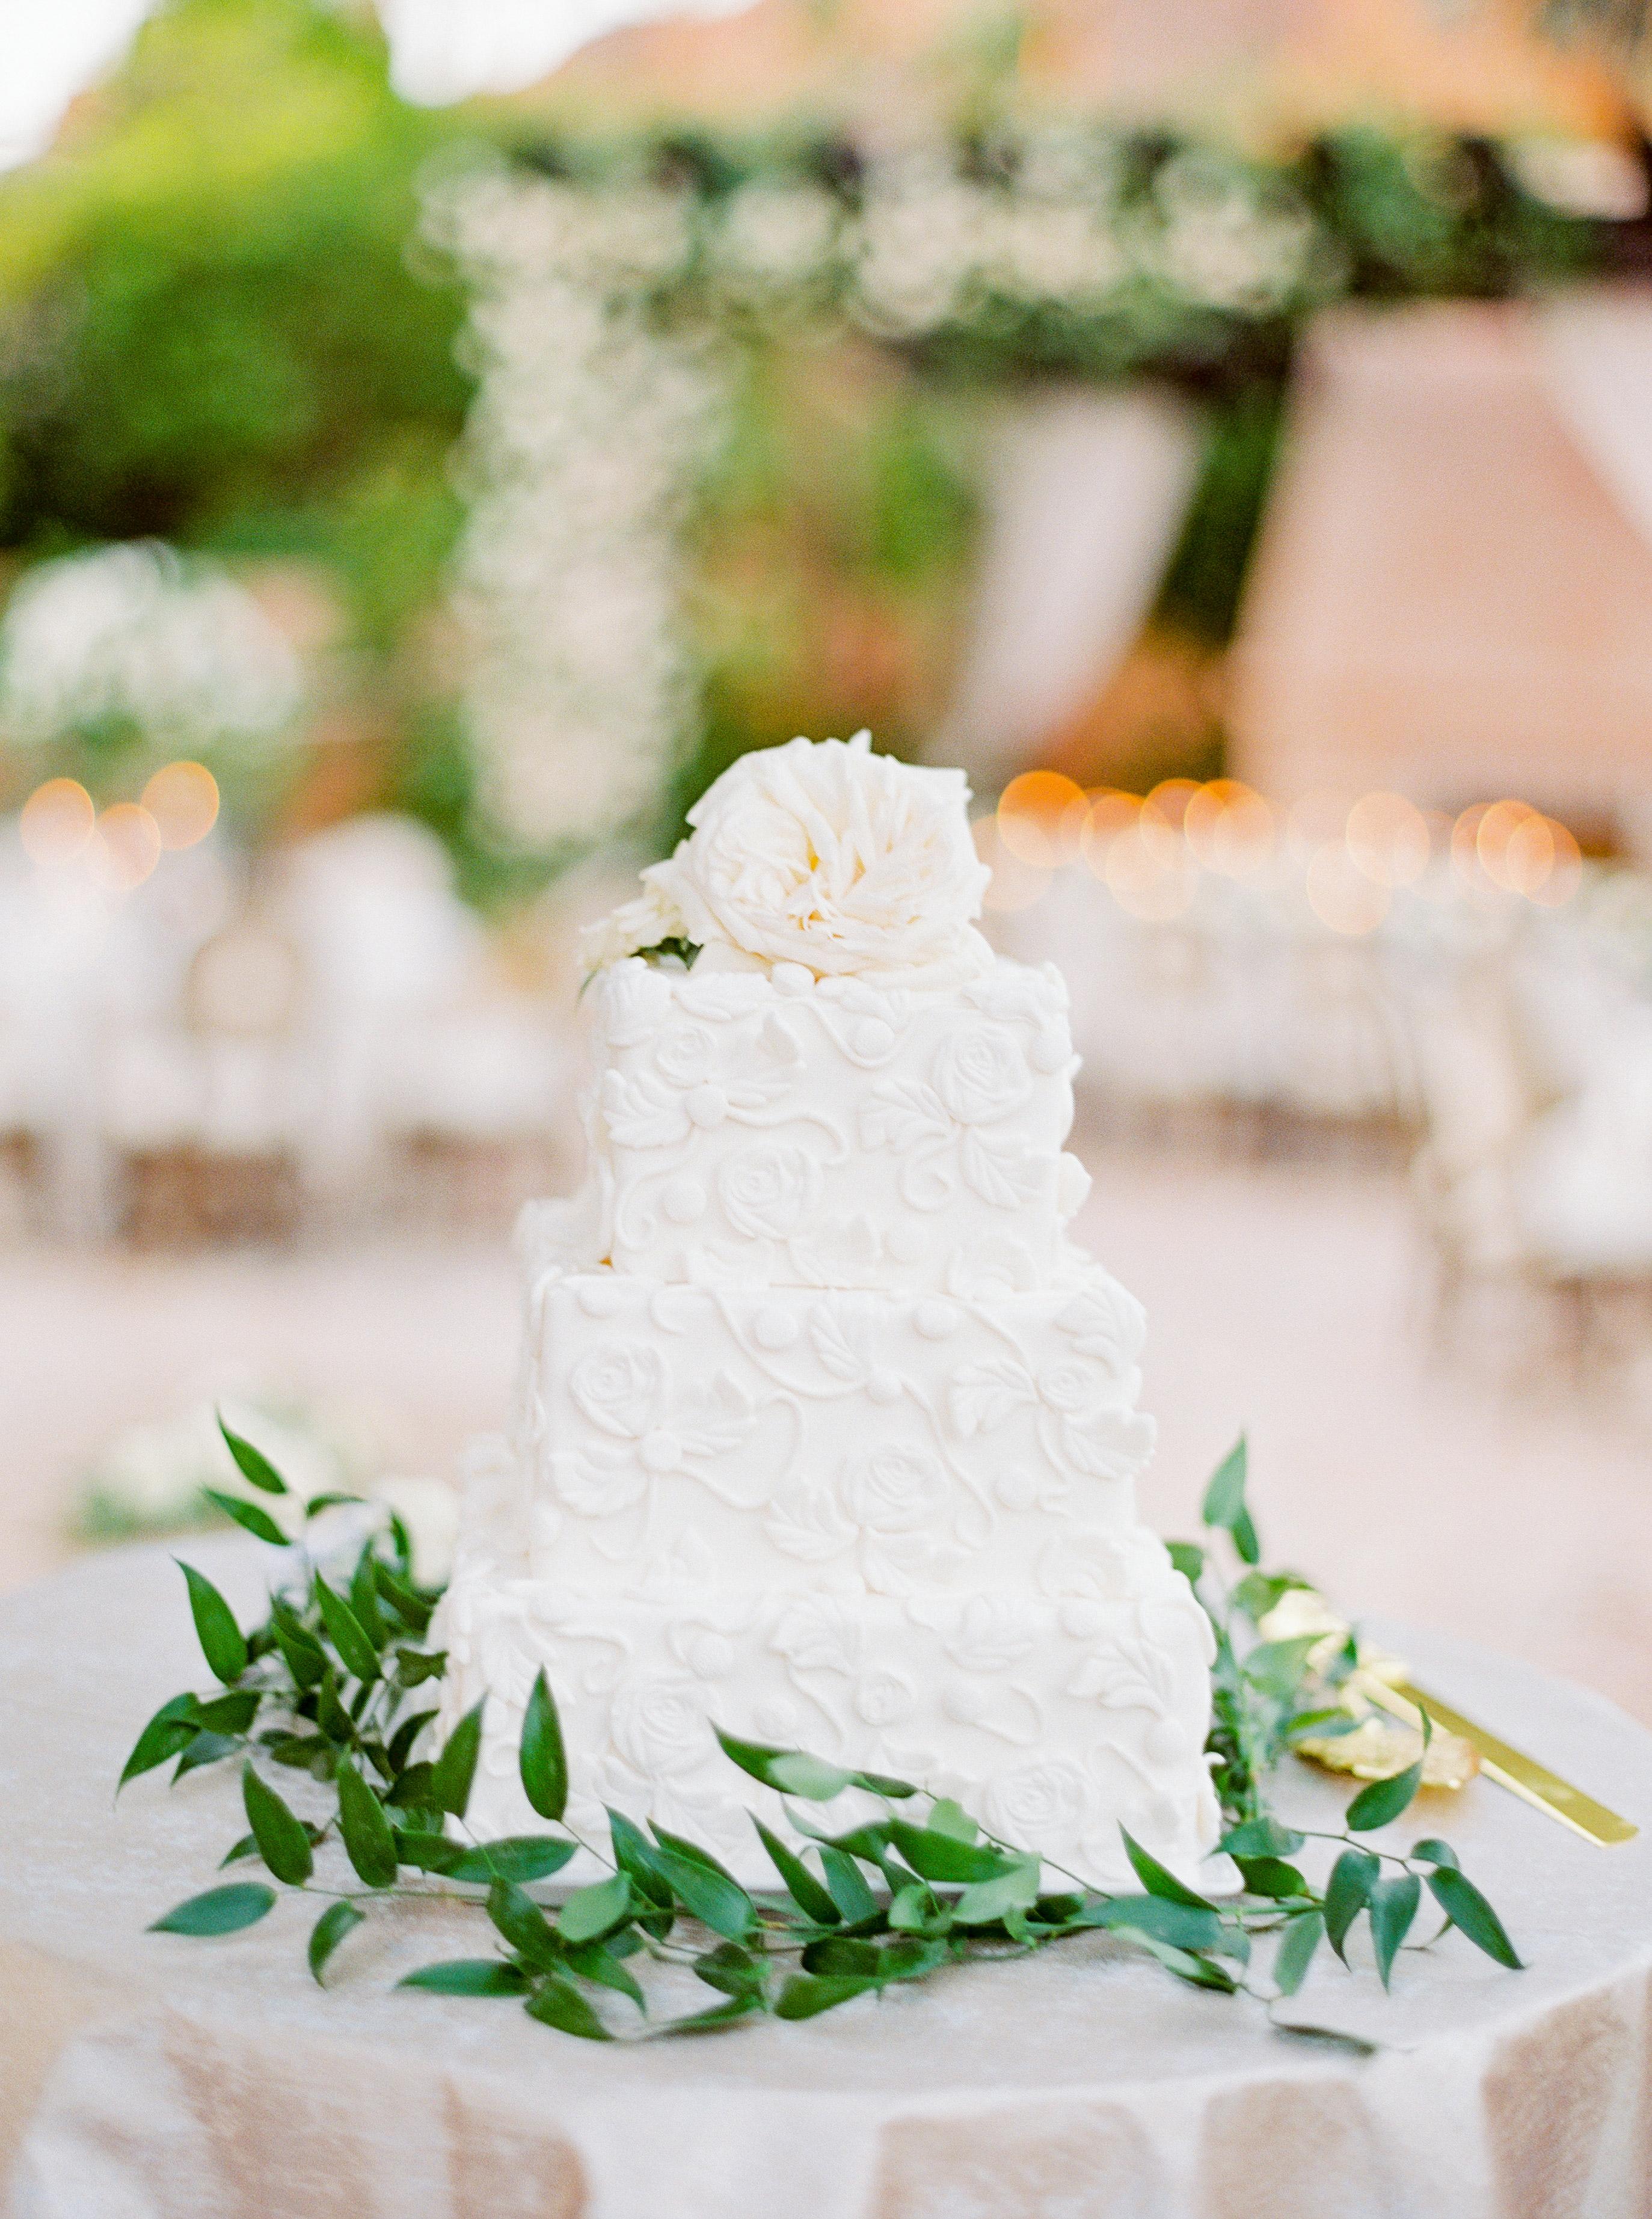 Elizabeth & Robert's 3-tier wedding cake